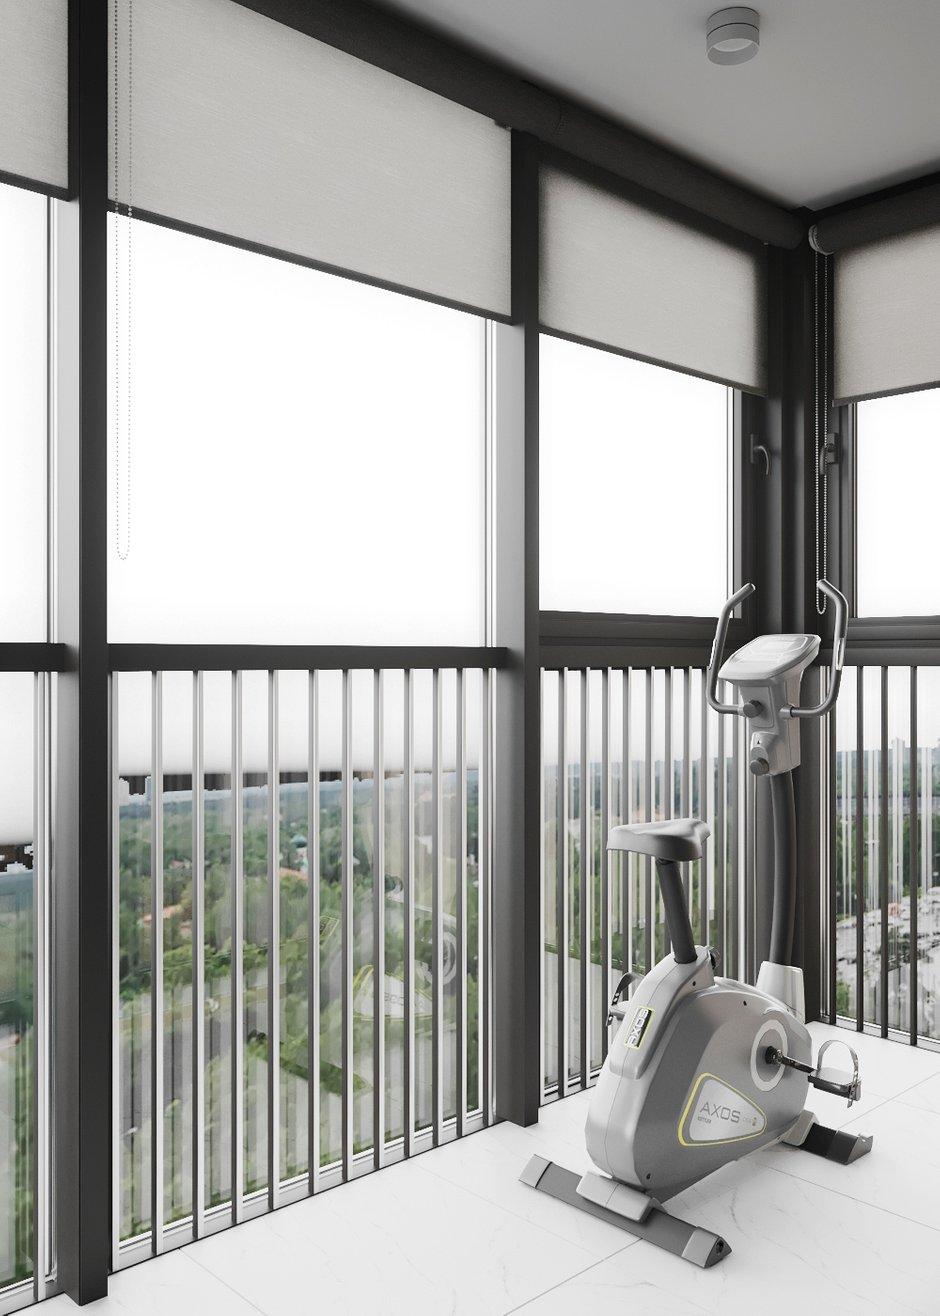 Фотография: Балкон в стиле Современный, Квартира, Проект недели, Санкт-Петербург, 2 комнаты, Более 90 метров, Ольга Мудрякова – фото на INMYROOM